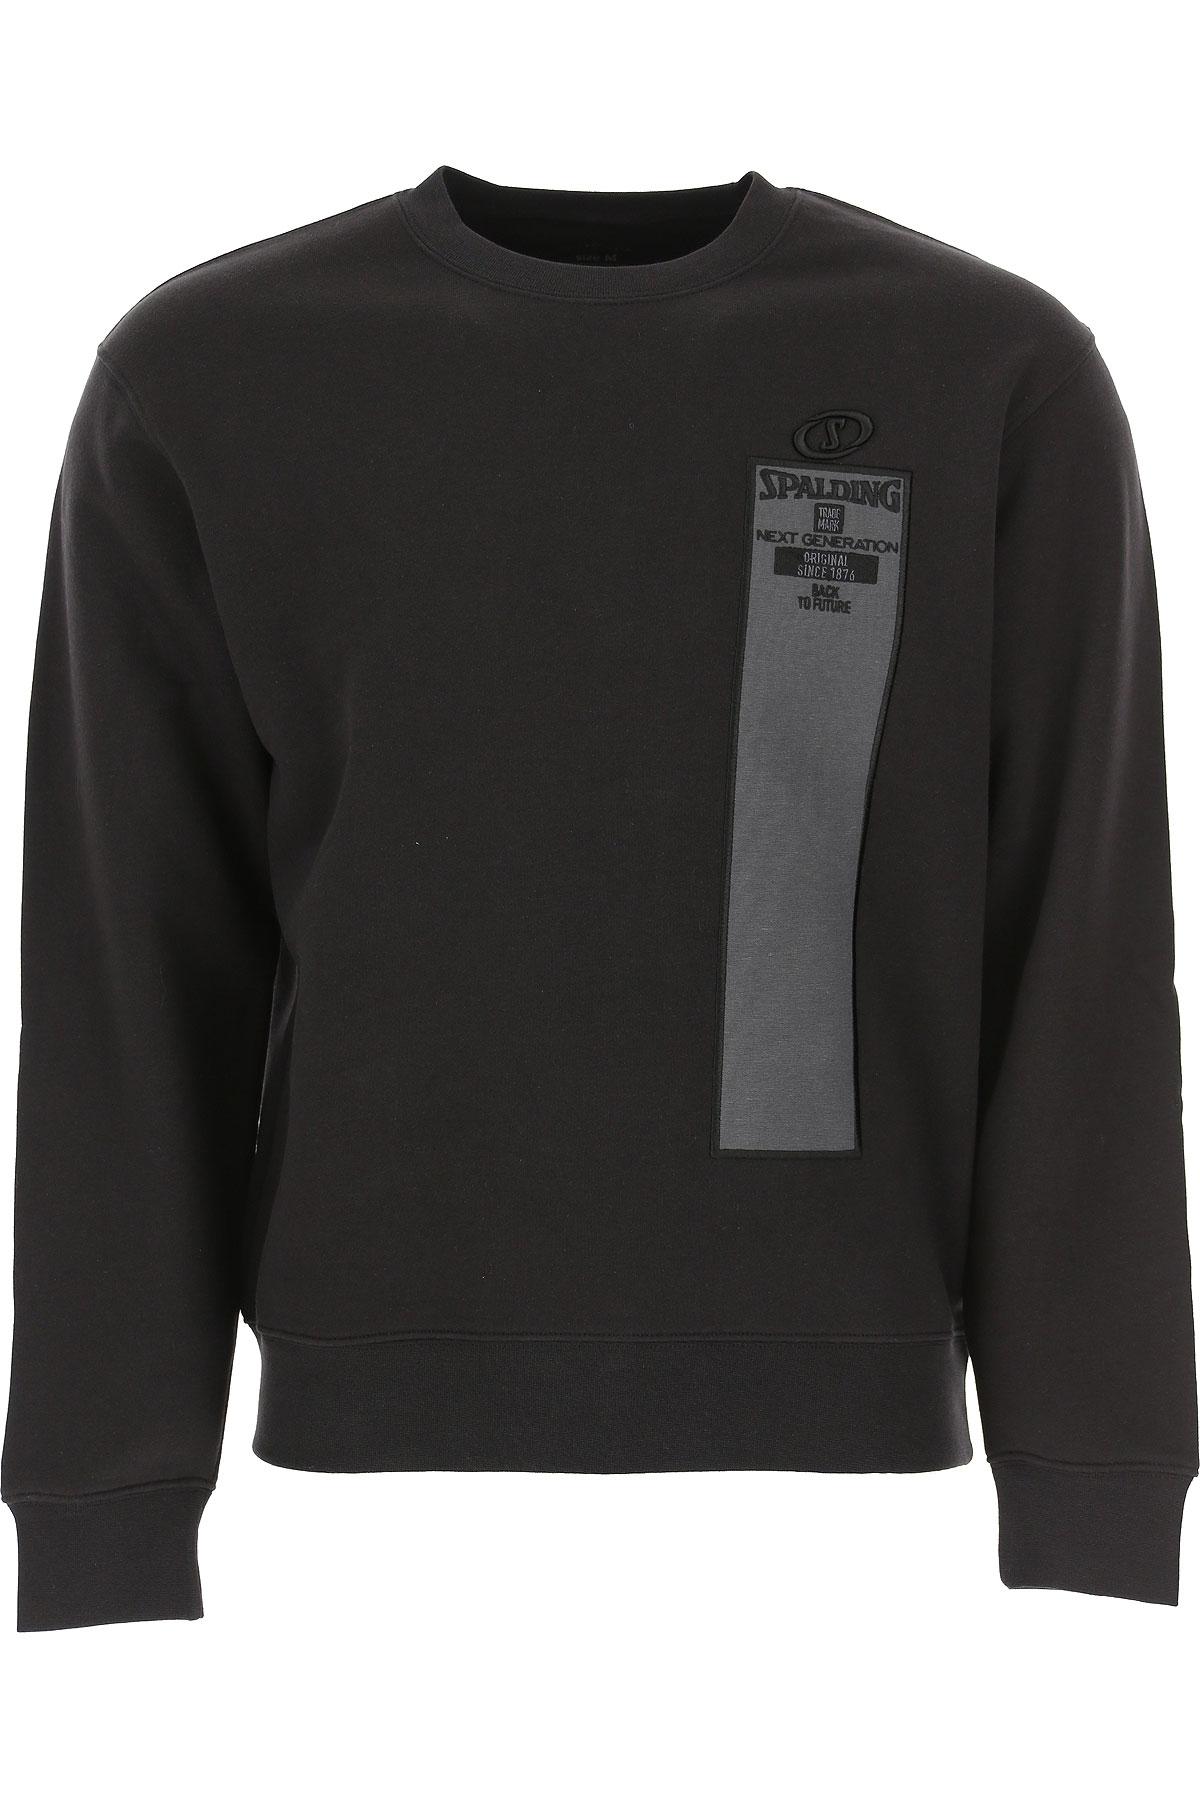 Spalding Sweatshirt for Men, Black, Cotton, 2019, XL XXL